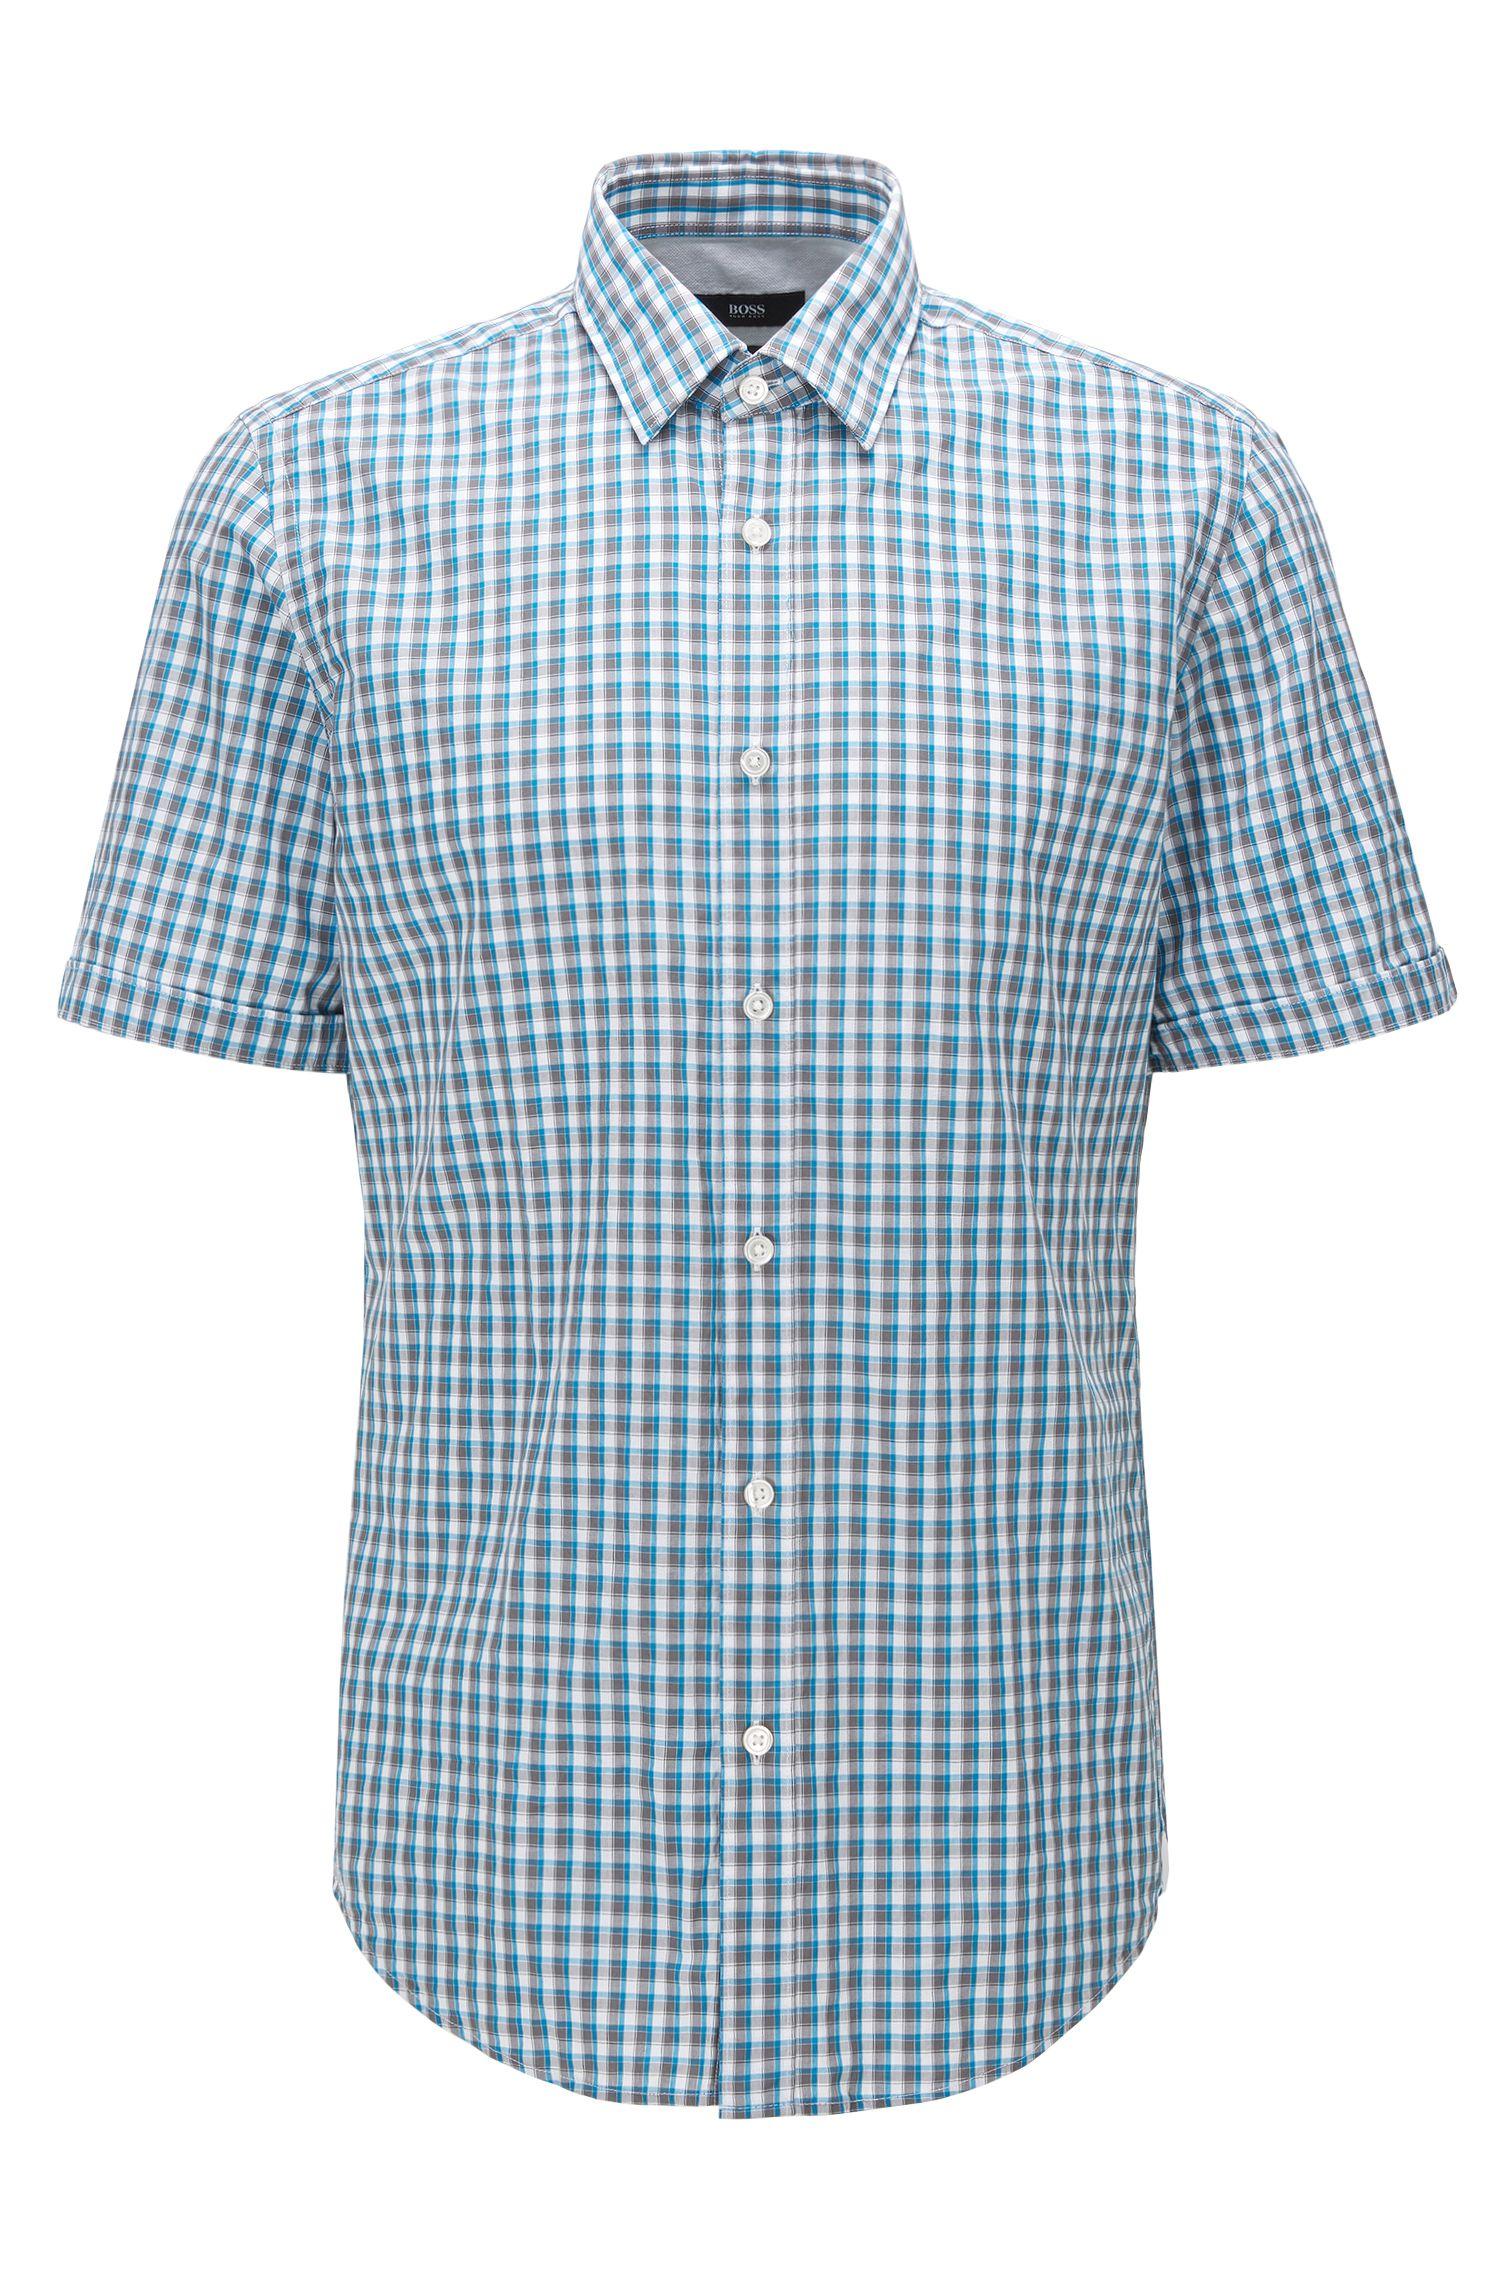 Camisa regular fit de manga corta en algodón con estampado a cuadros Vichy